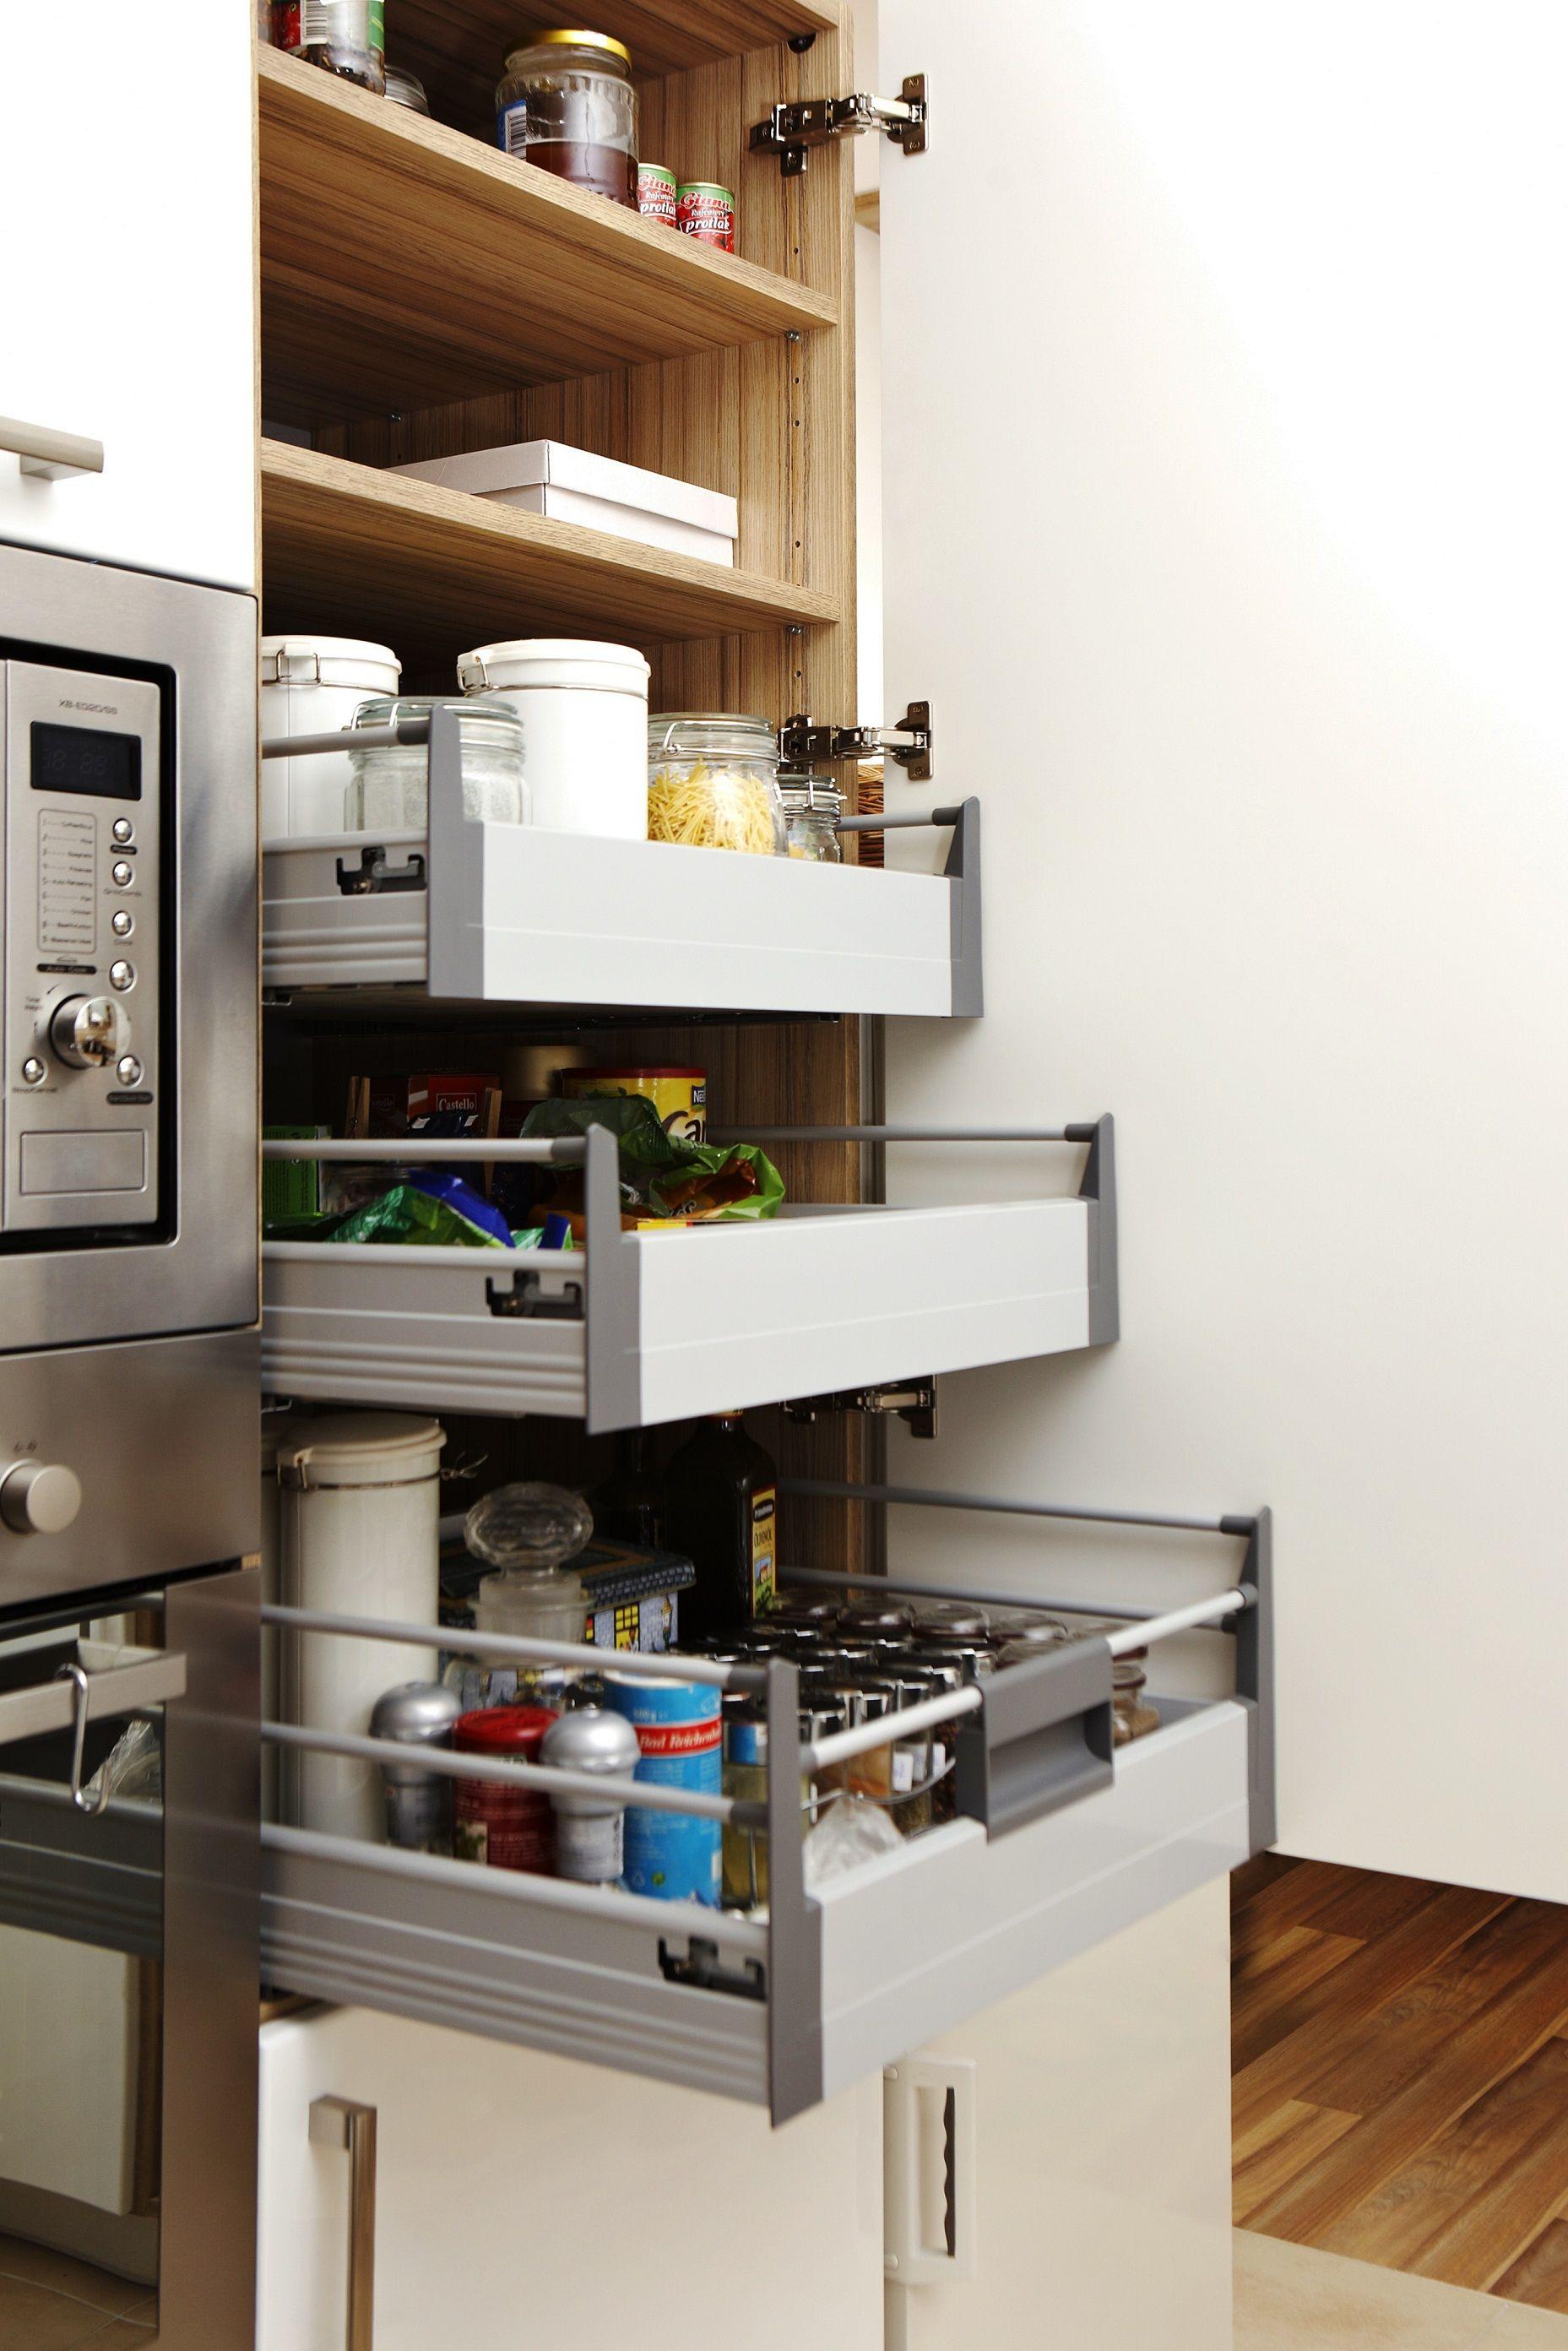 Küche Möbel Für Kleine Räume Haus Küche Design Moderne